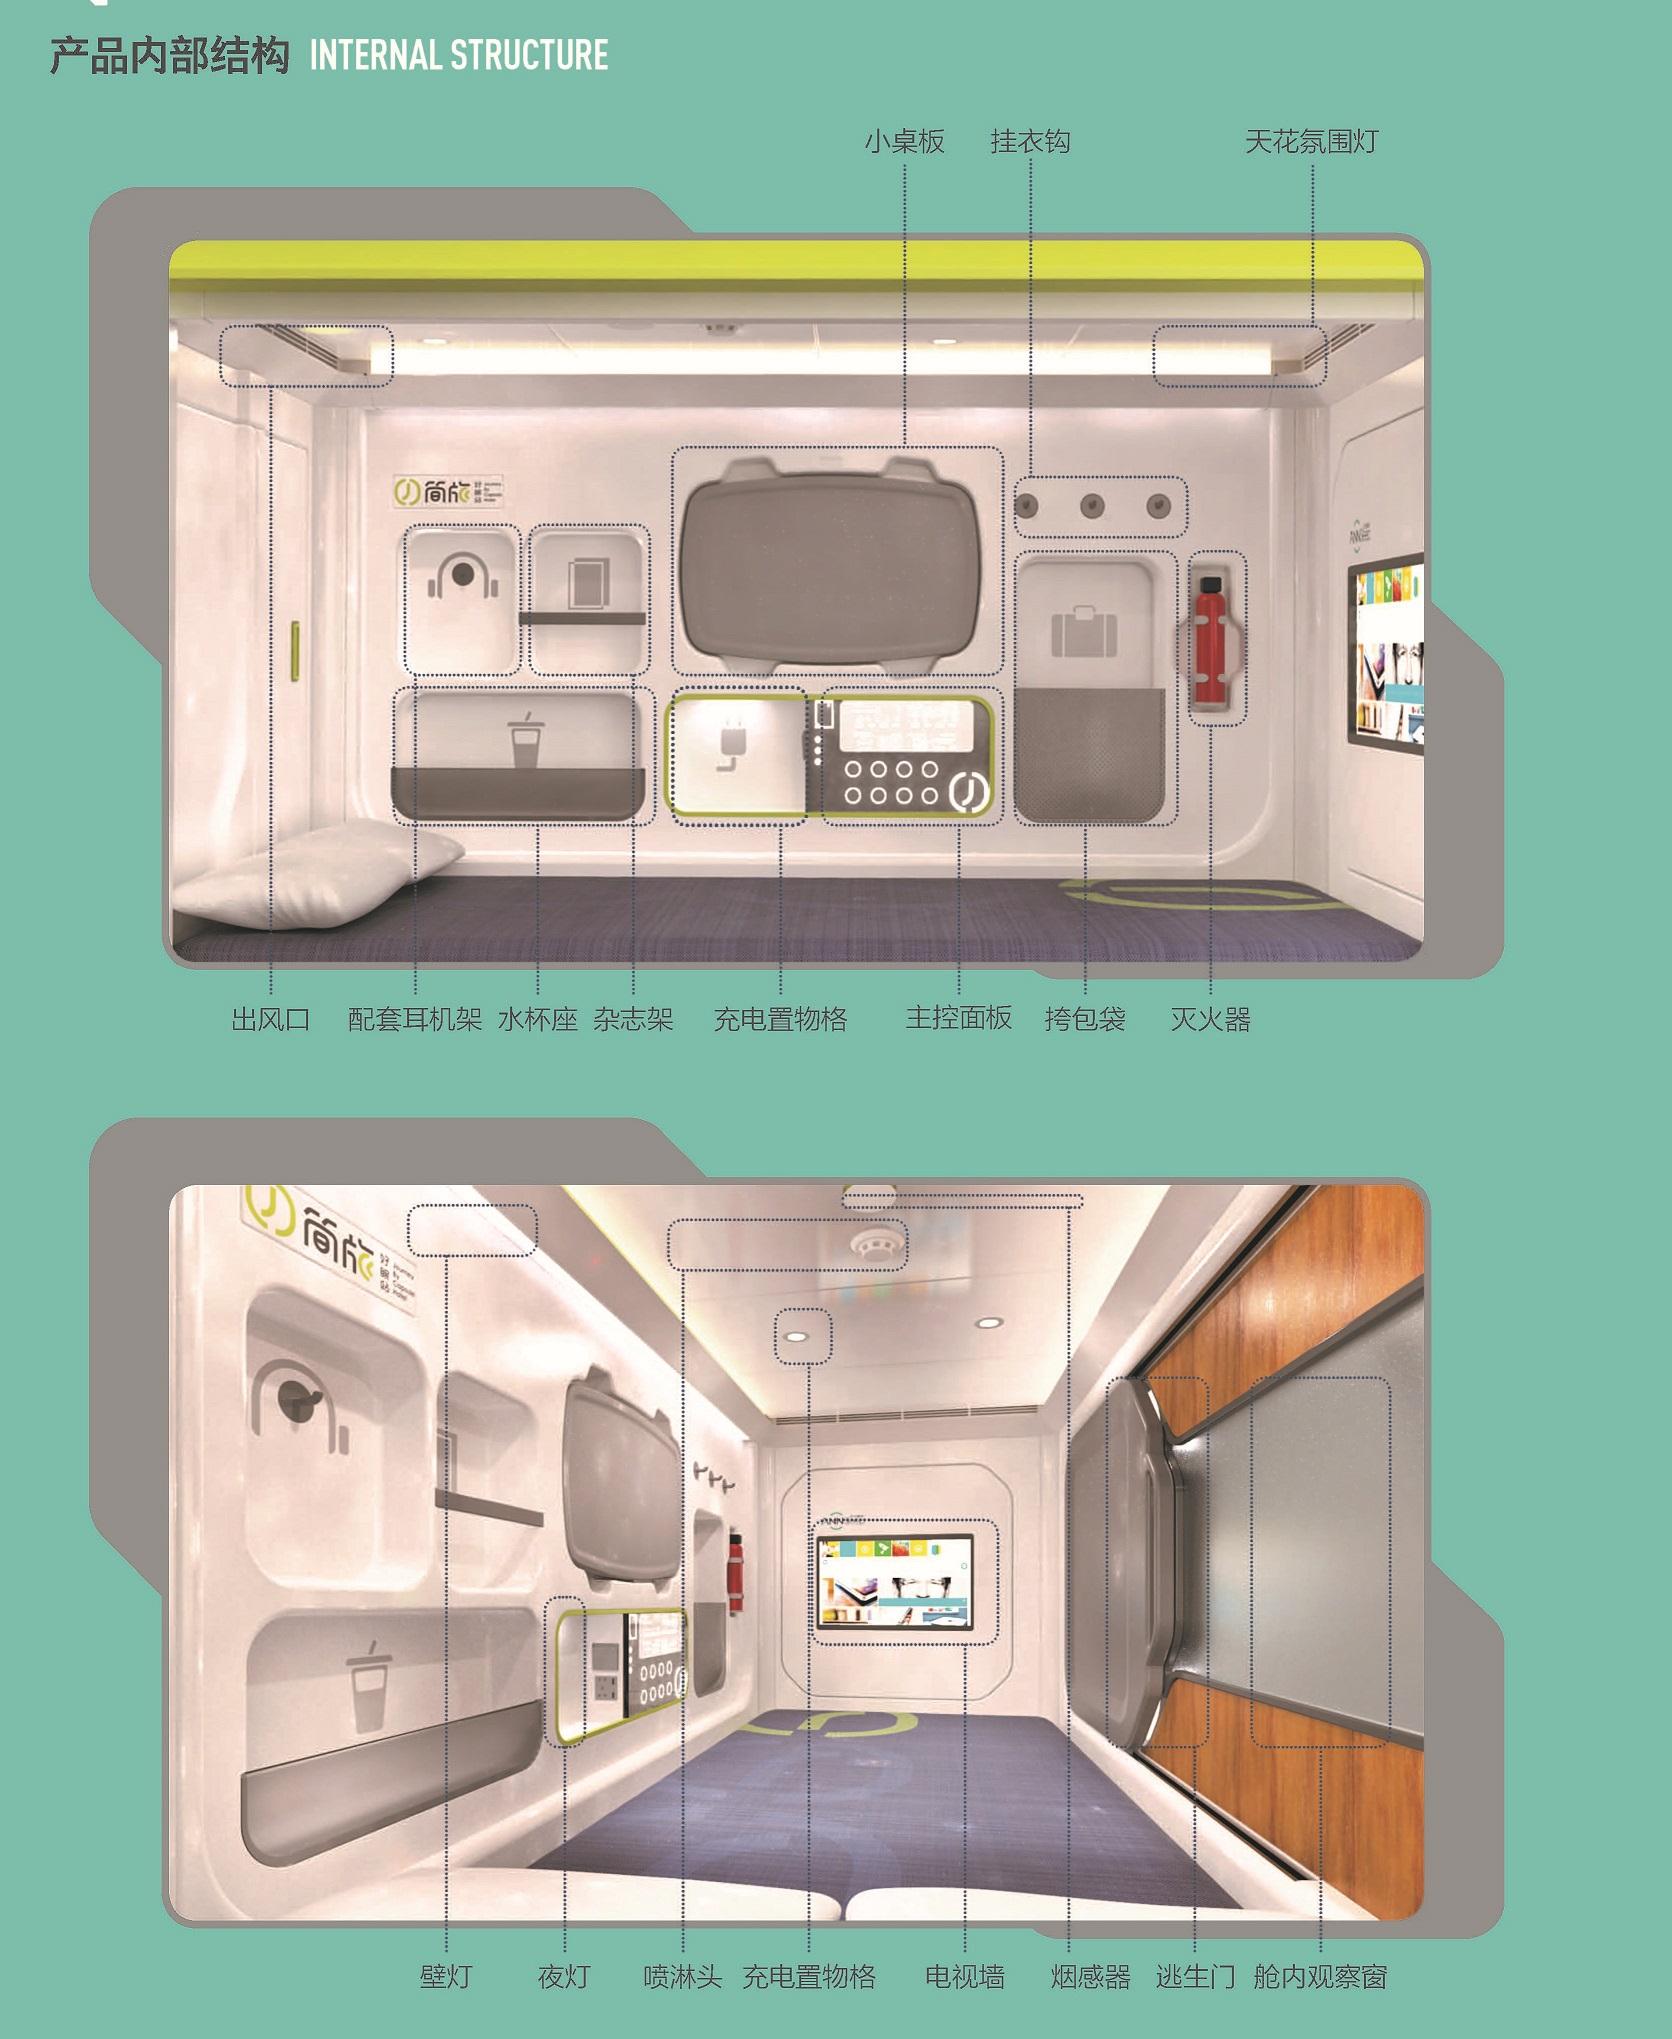 产品内部结构.jpg